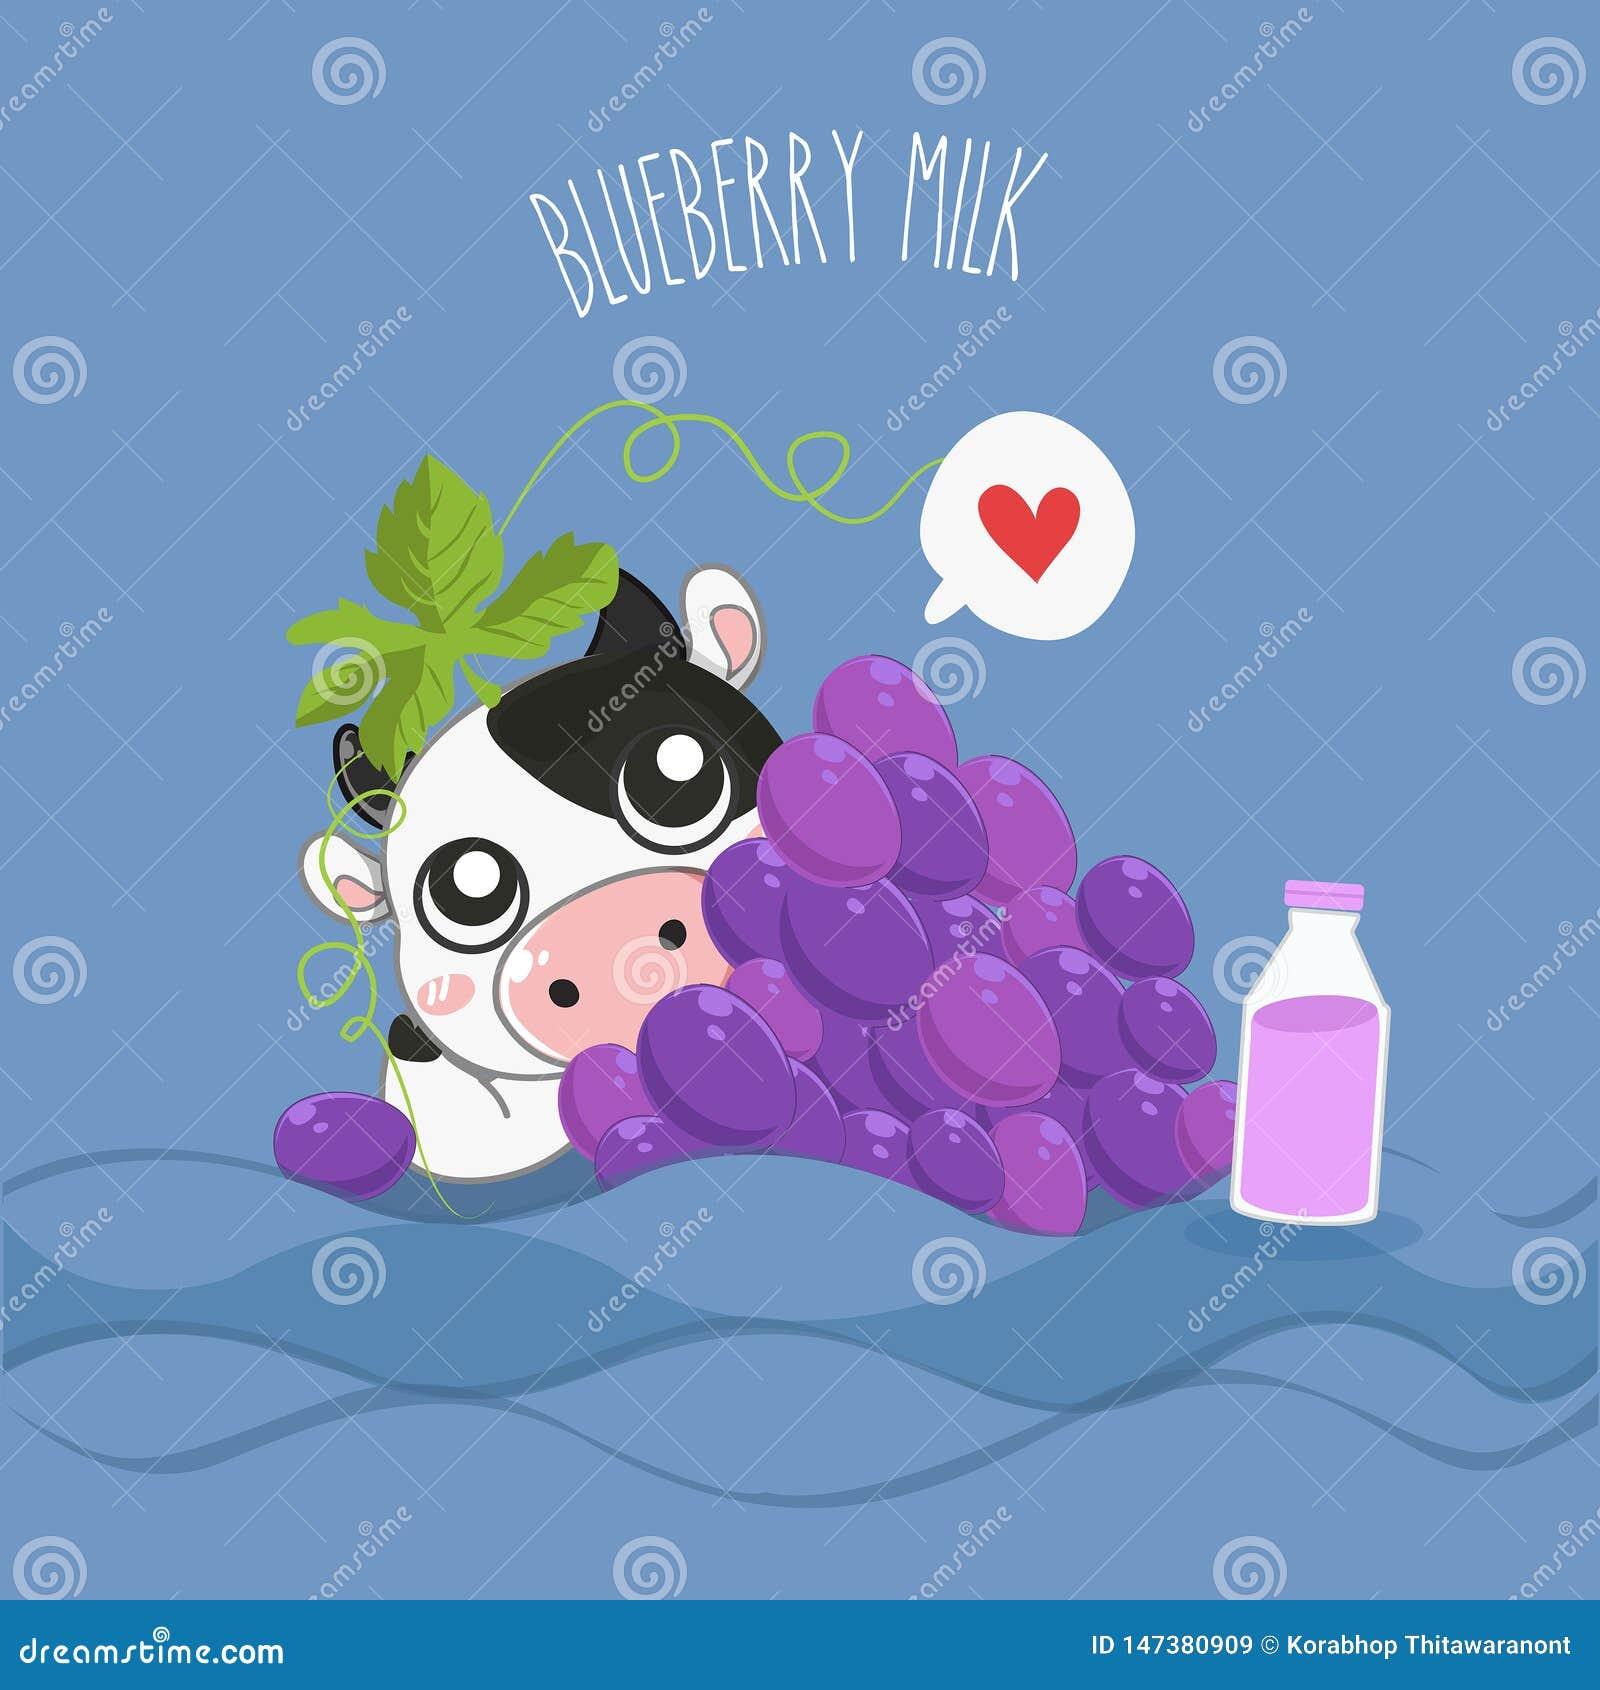 De zeer leuke melkkoe van de druivenmelk